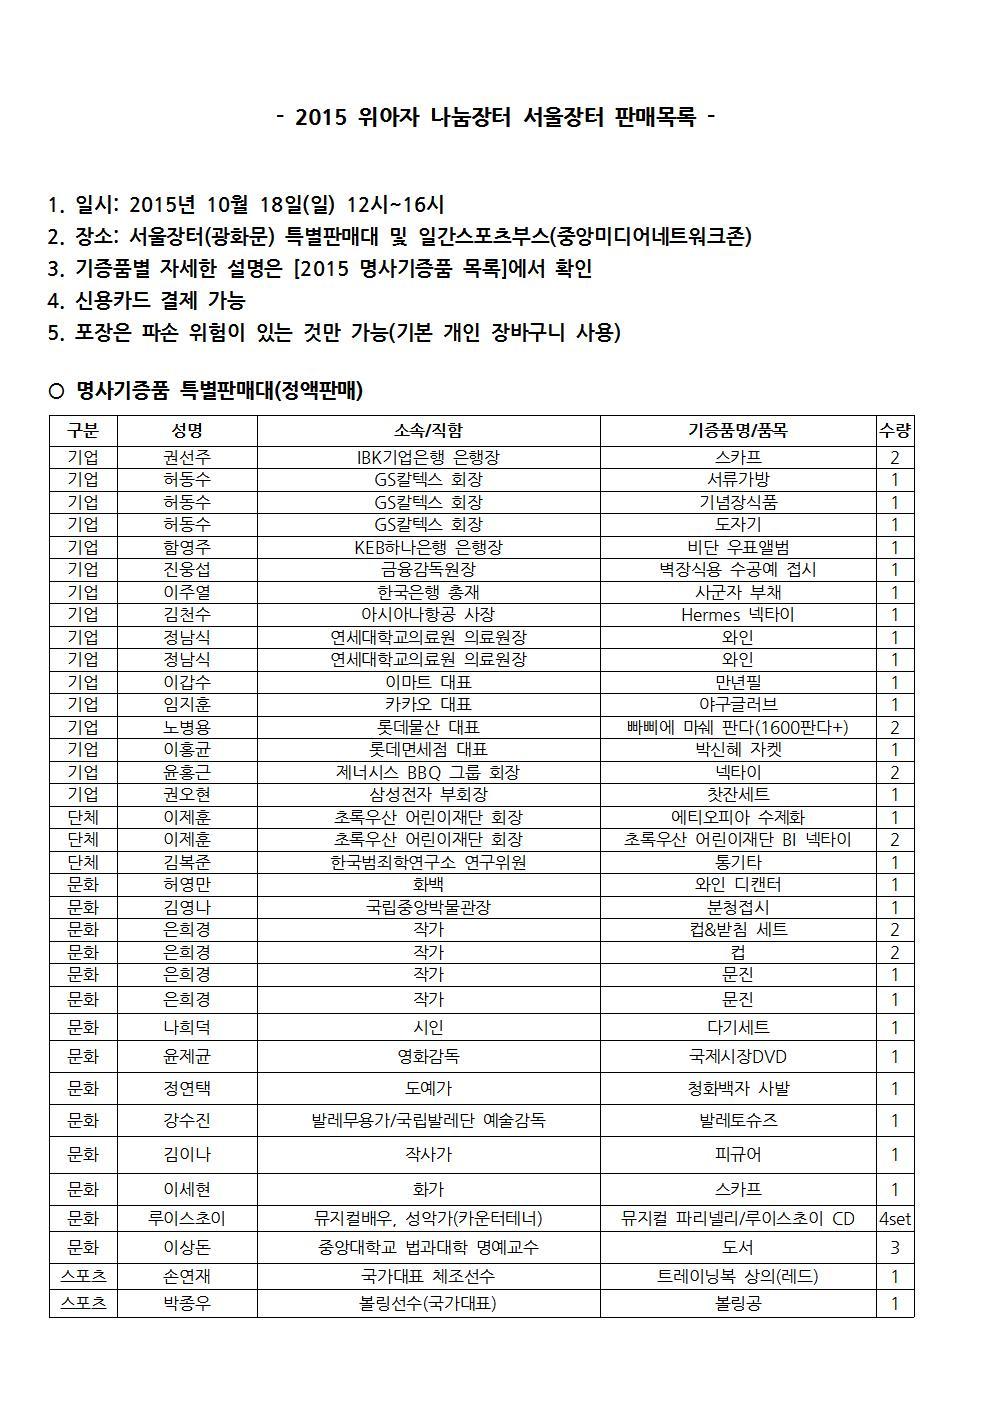 2015 위아자 나눔장터 서울장터 특별판매대 내역001.jpg